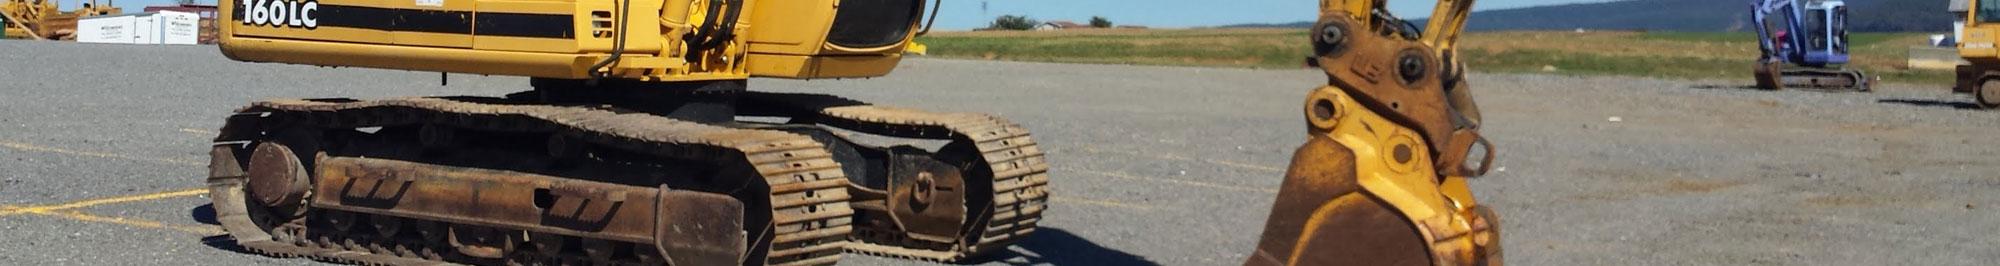 John Deere Excavator Final Drive Replacement Parts